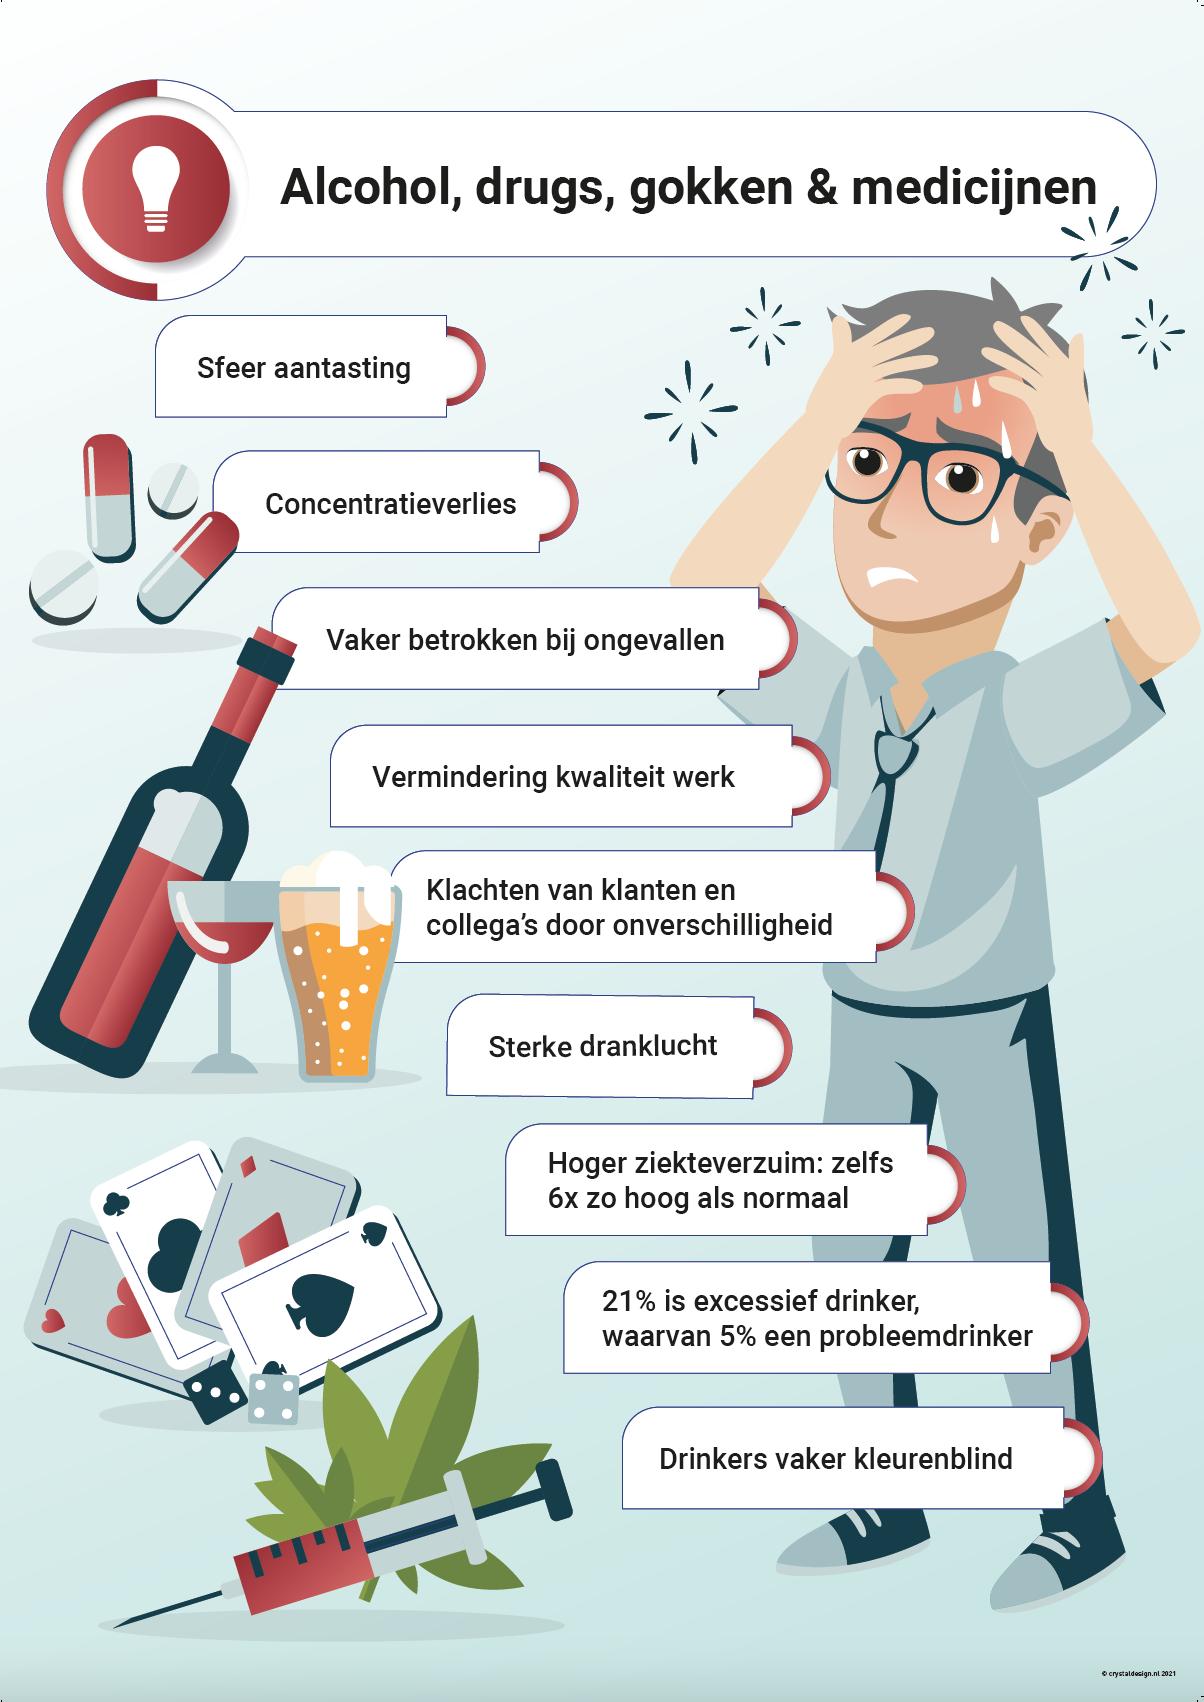 Alcohol, drugs, gokken & Medicatie op het werk